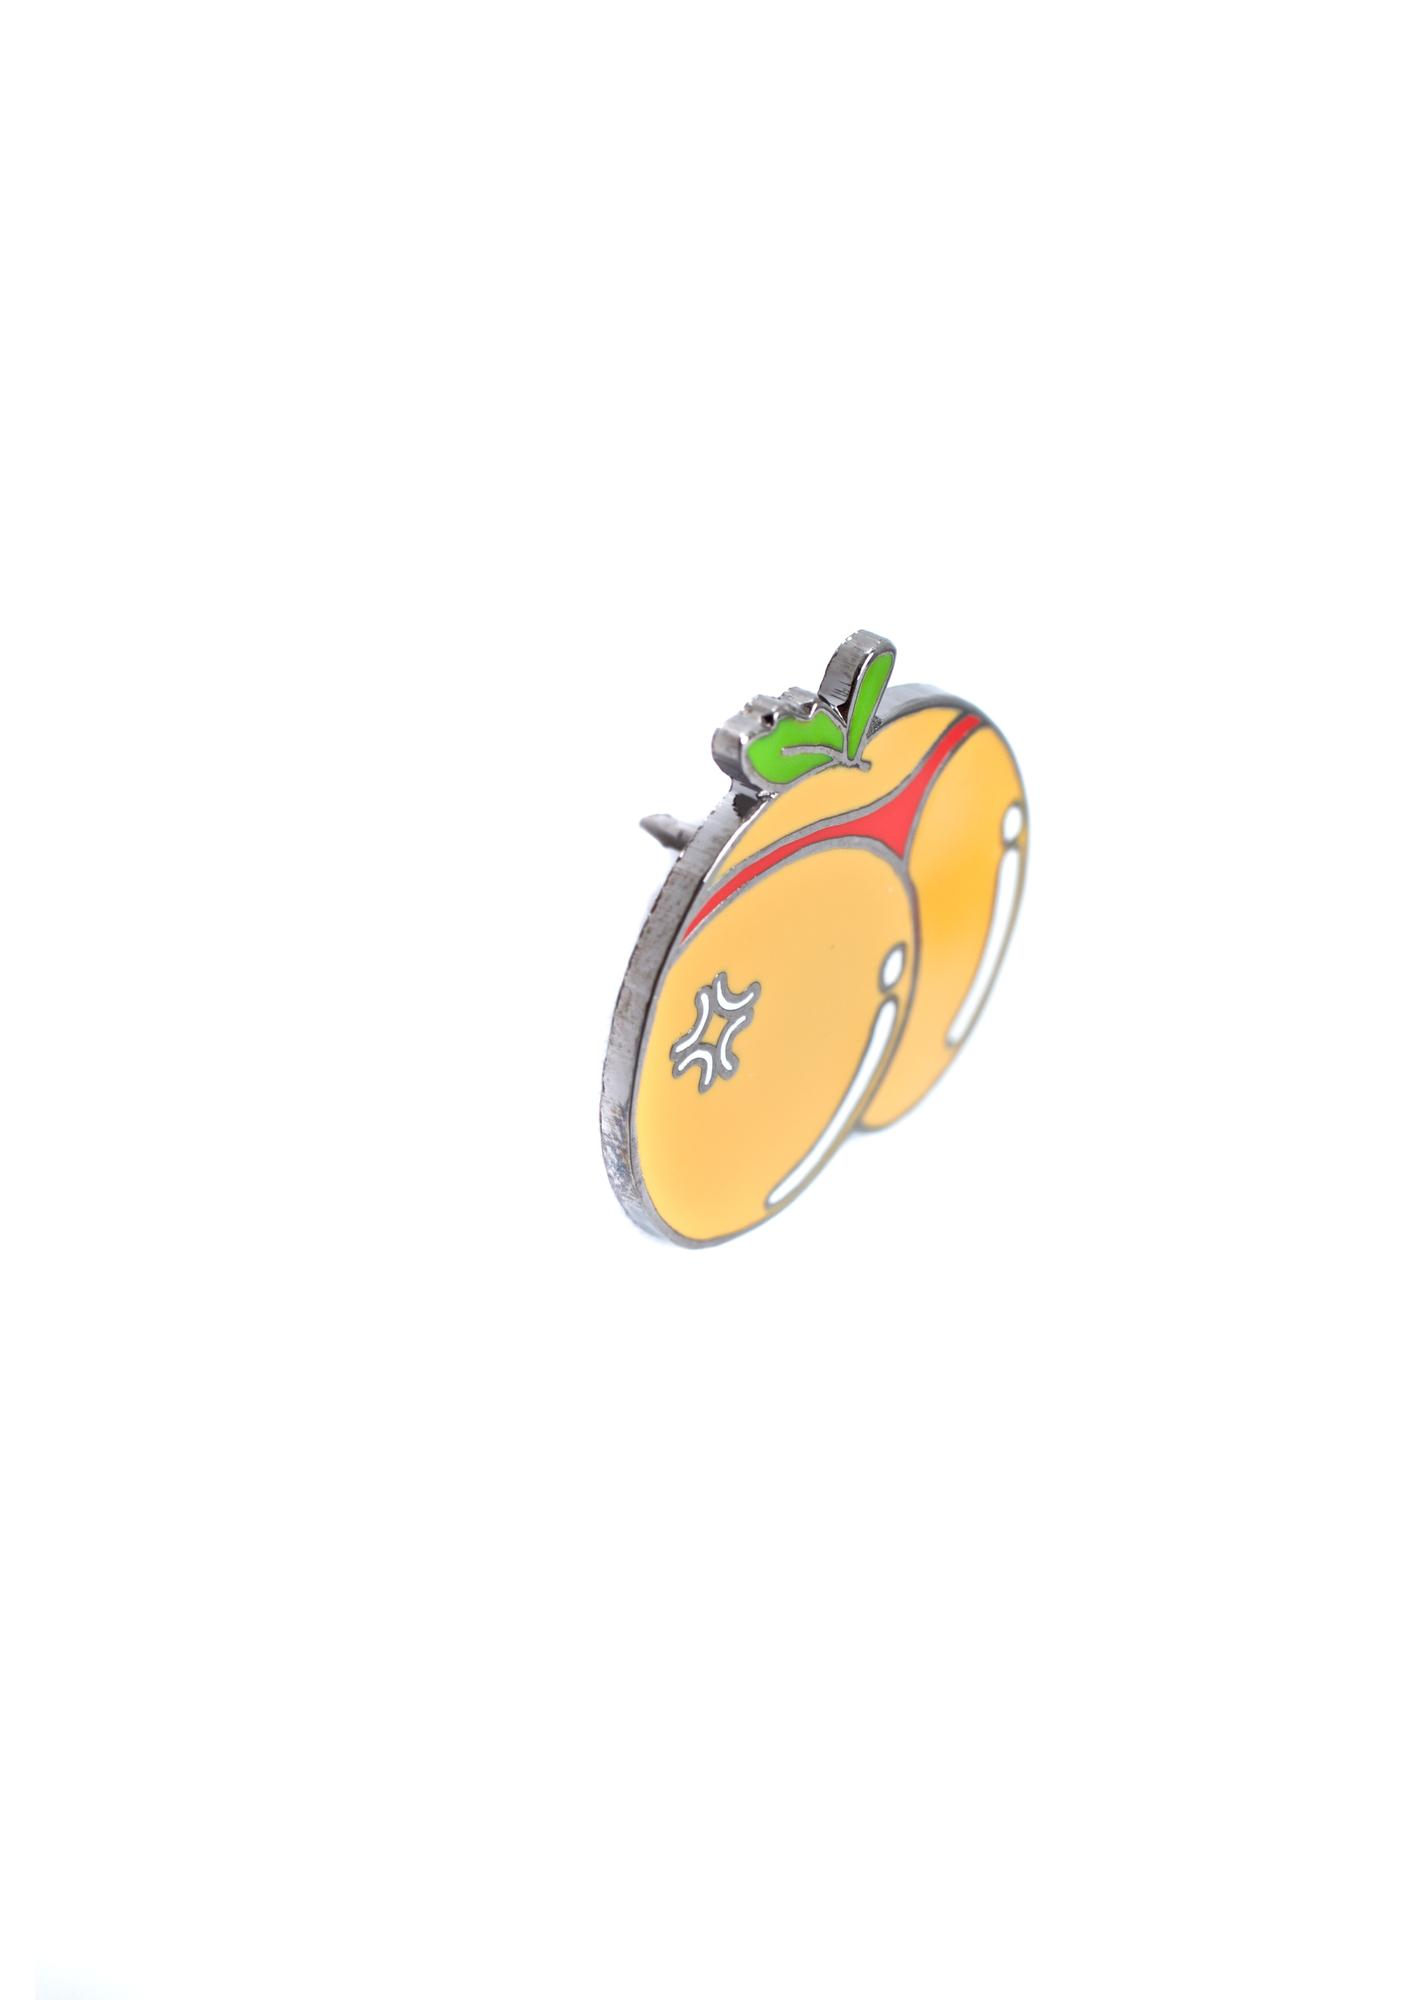 Juicy Booty Enamel Pin